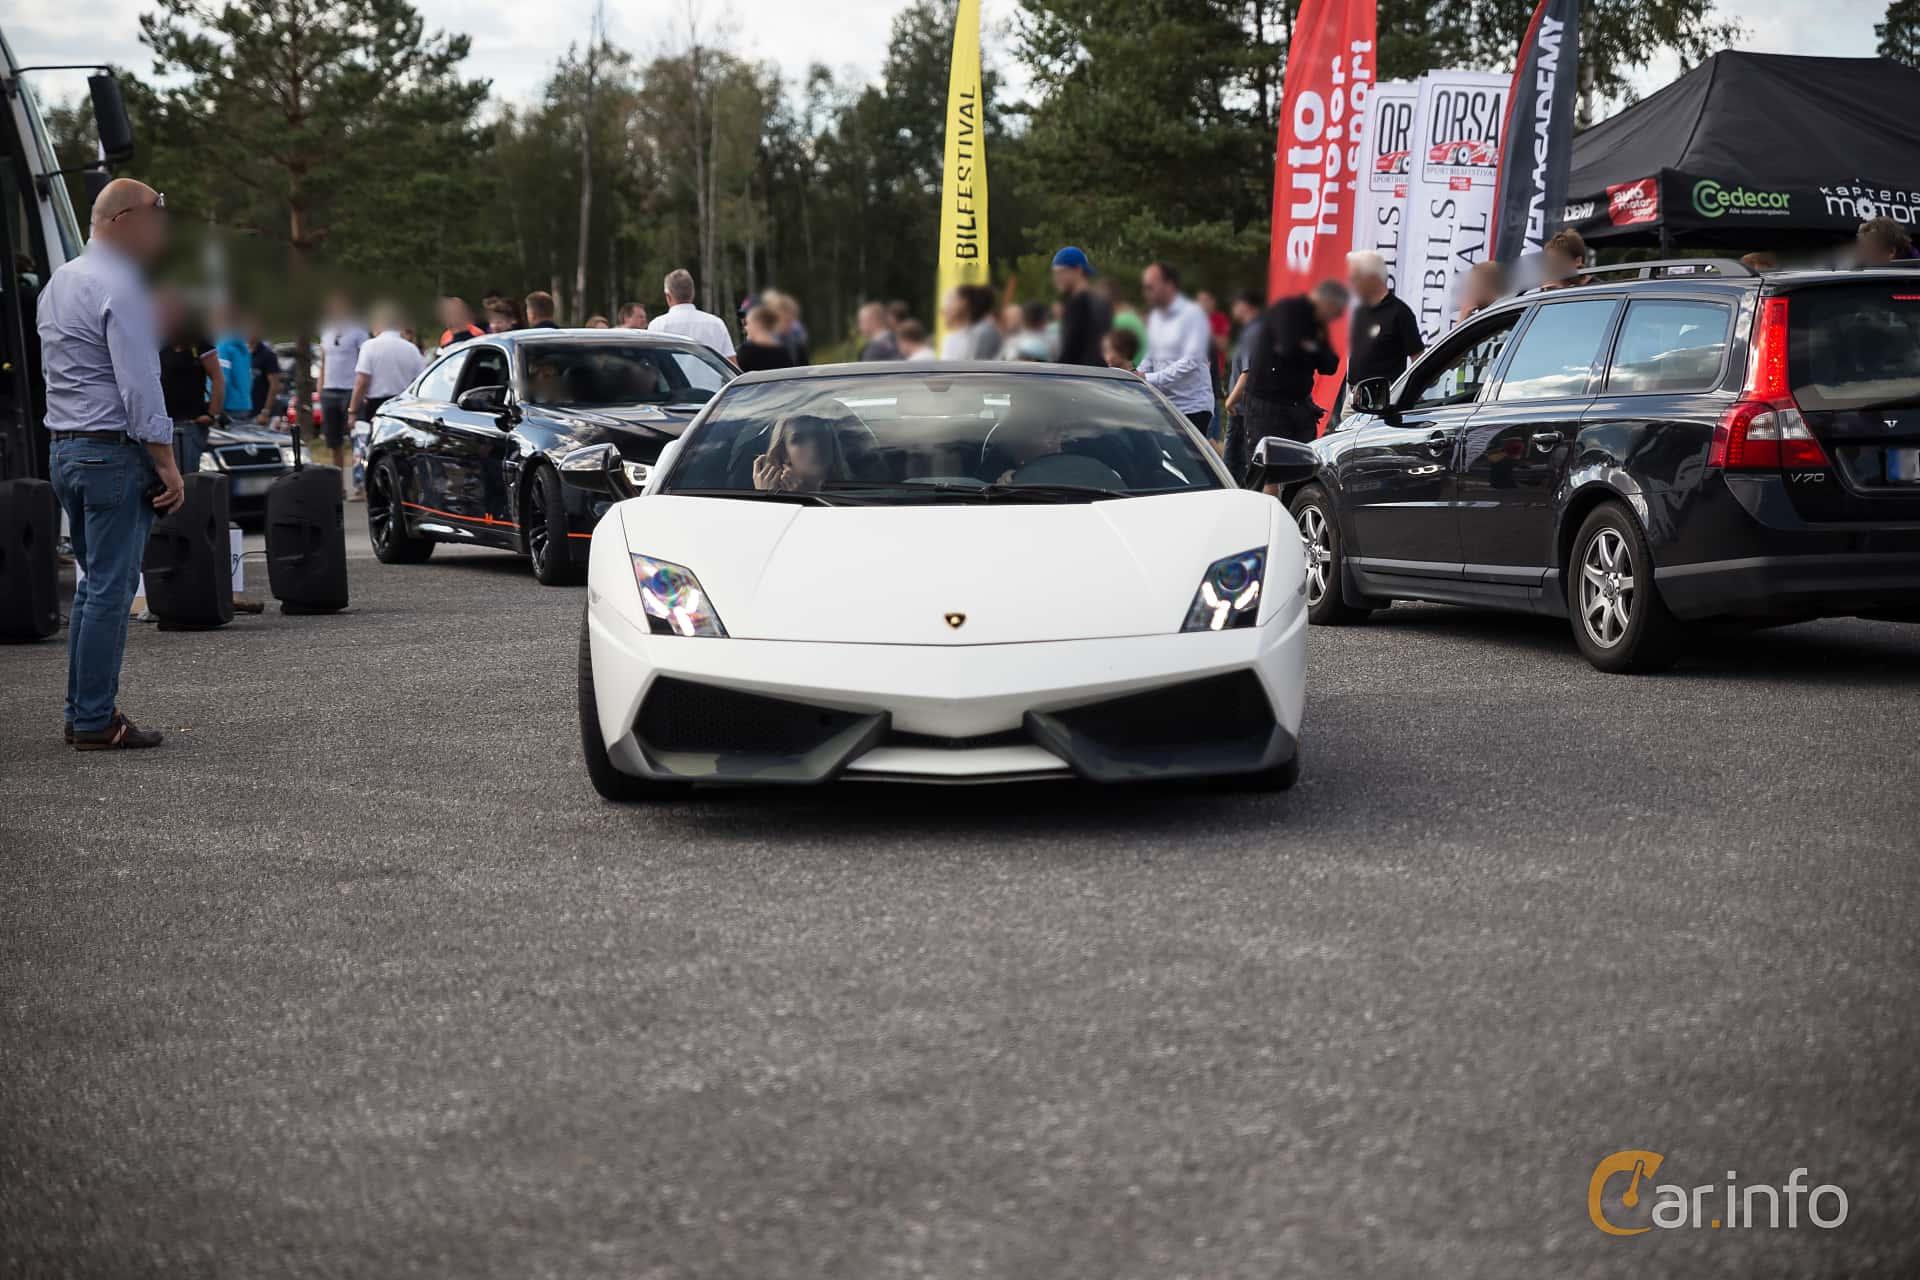 Front Of Lamborghini Gallardo Lp 570 4 Superleggera E Gear